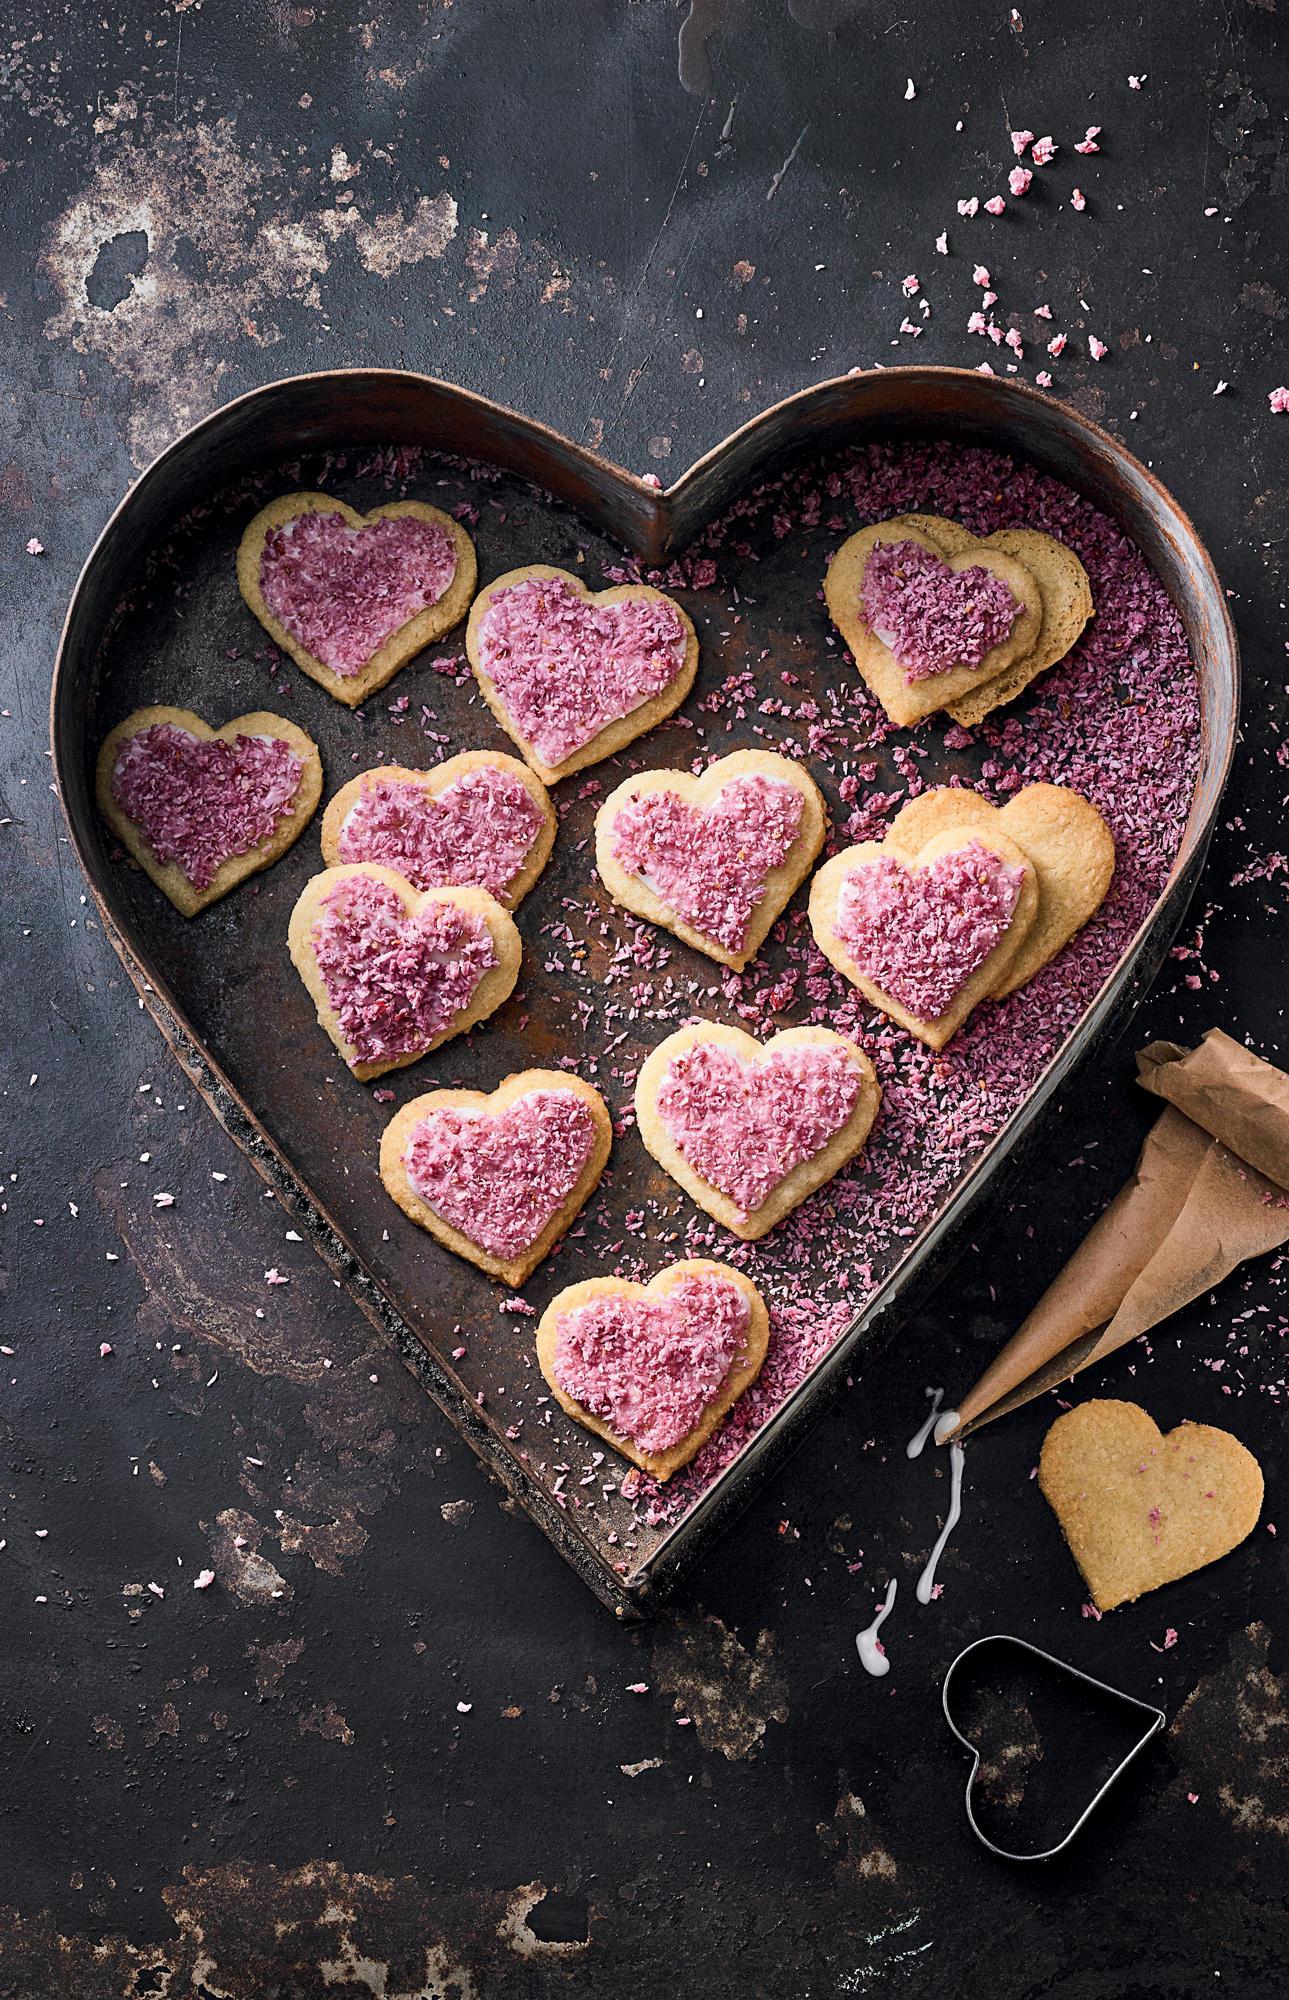 Zum Valentinstag Kuchen für die Liebsten backen ❤️